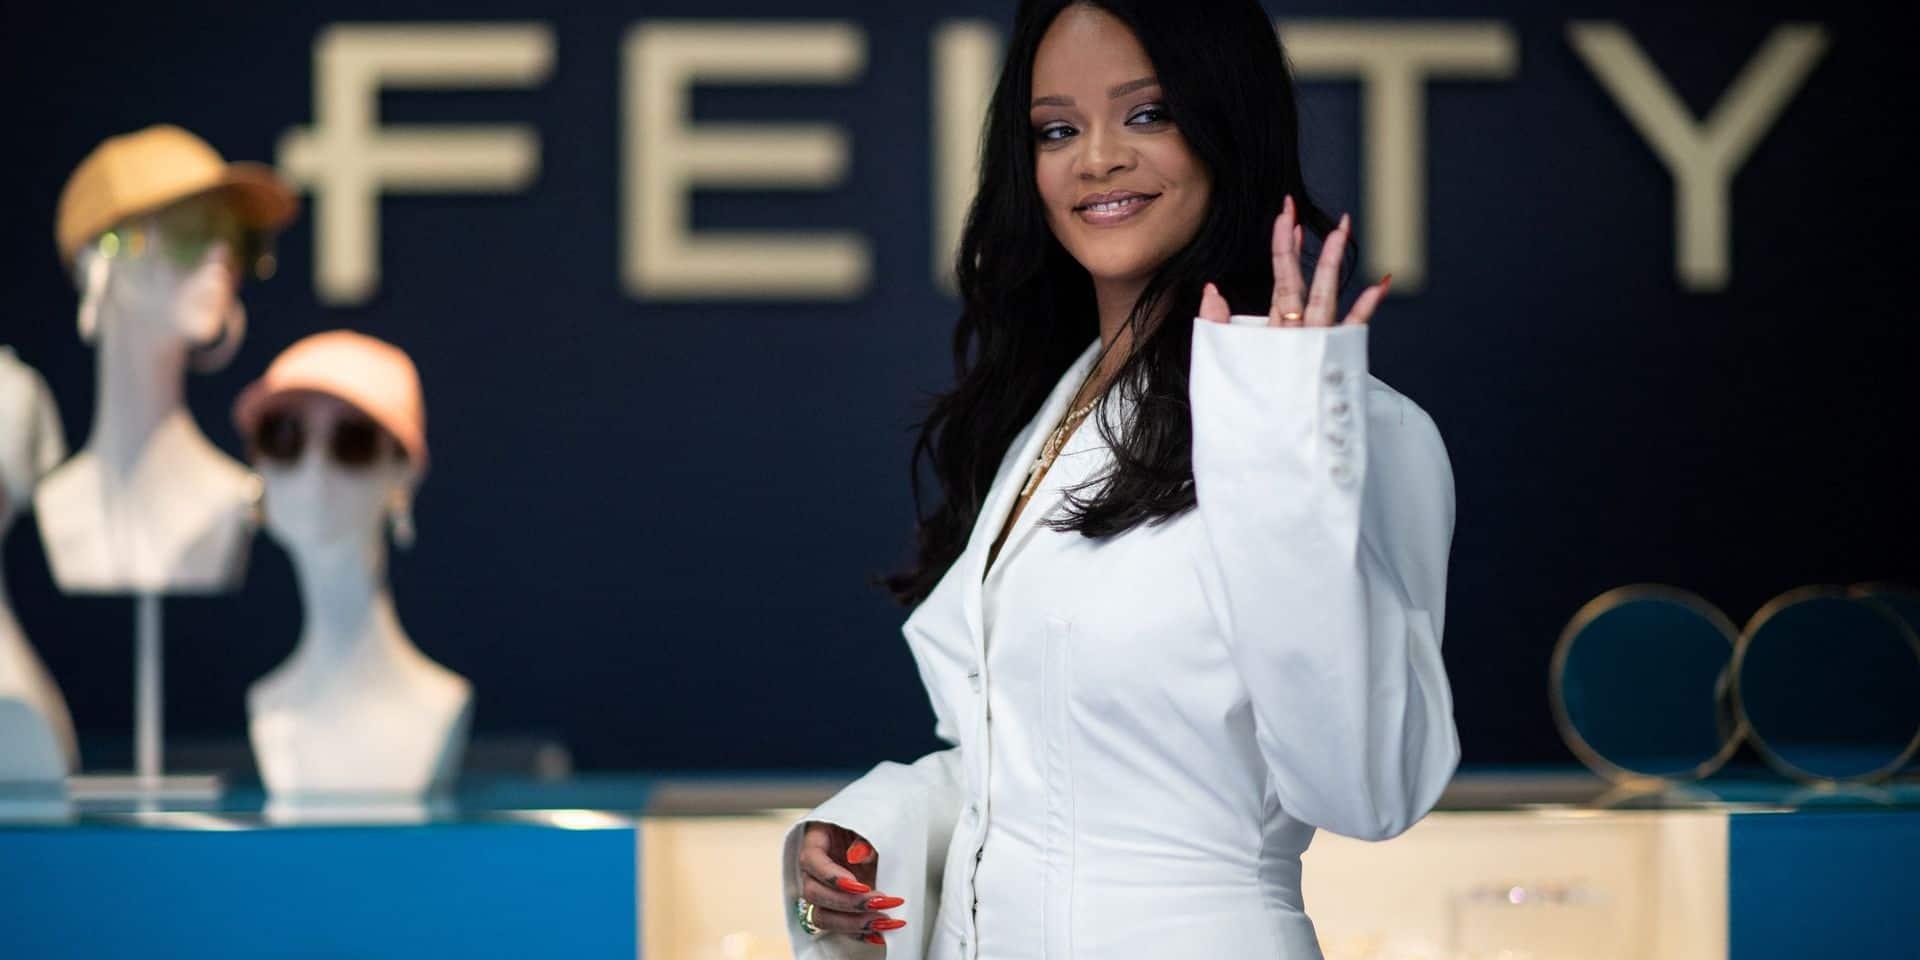 La marque de prêt-à-porter lancée par LVMH et Rihanna fait une pause